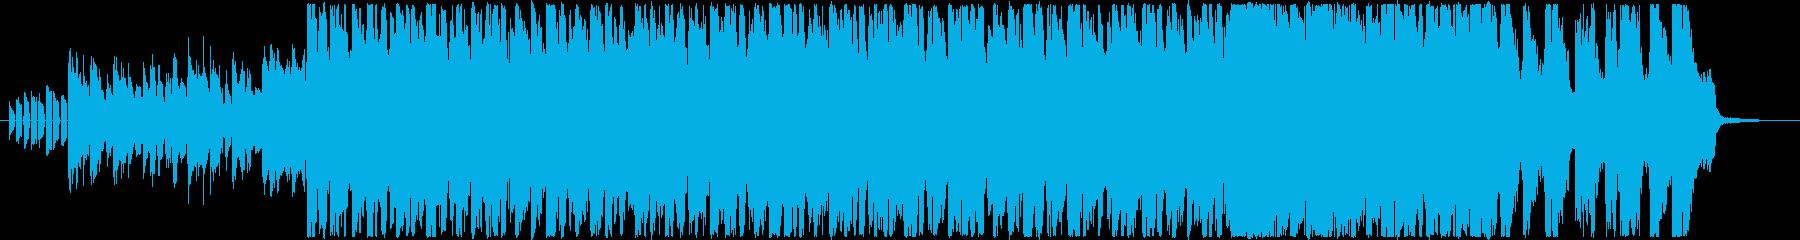 コーナータイトル_スポーツ系30秒の再生済みの波形